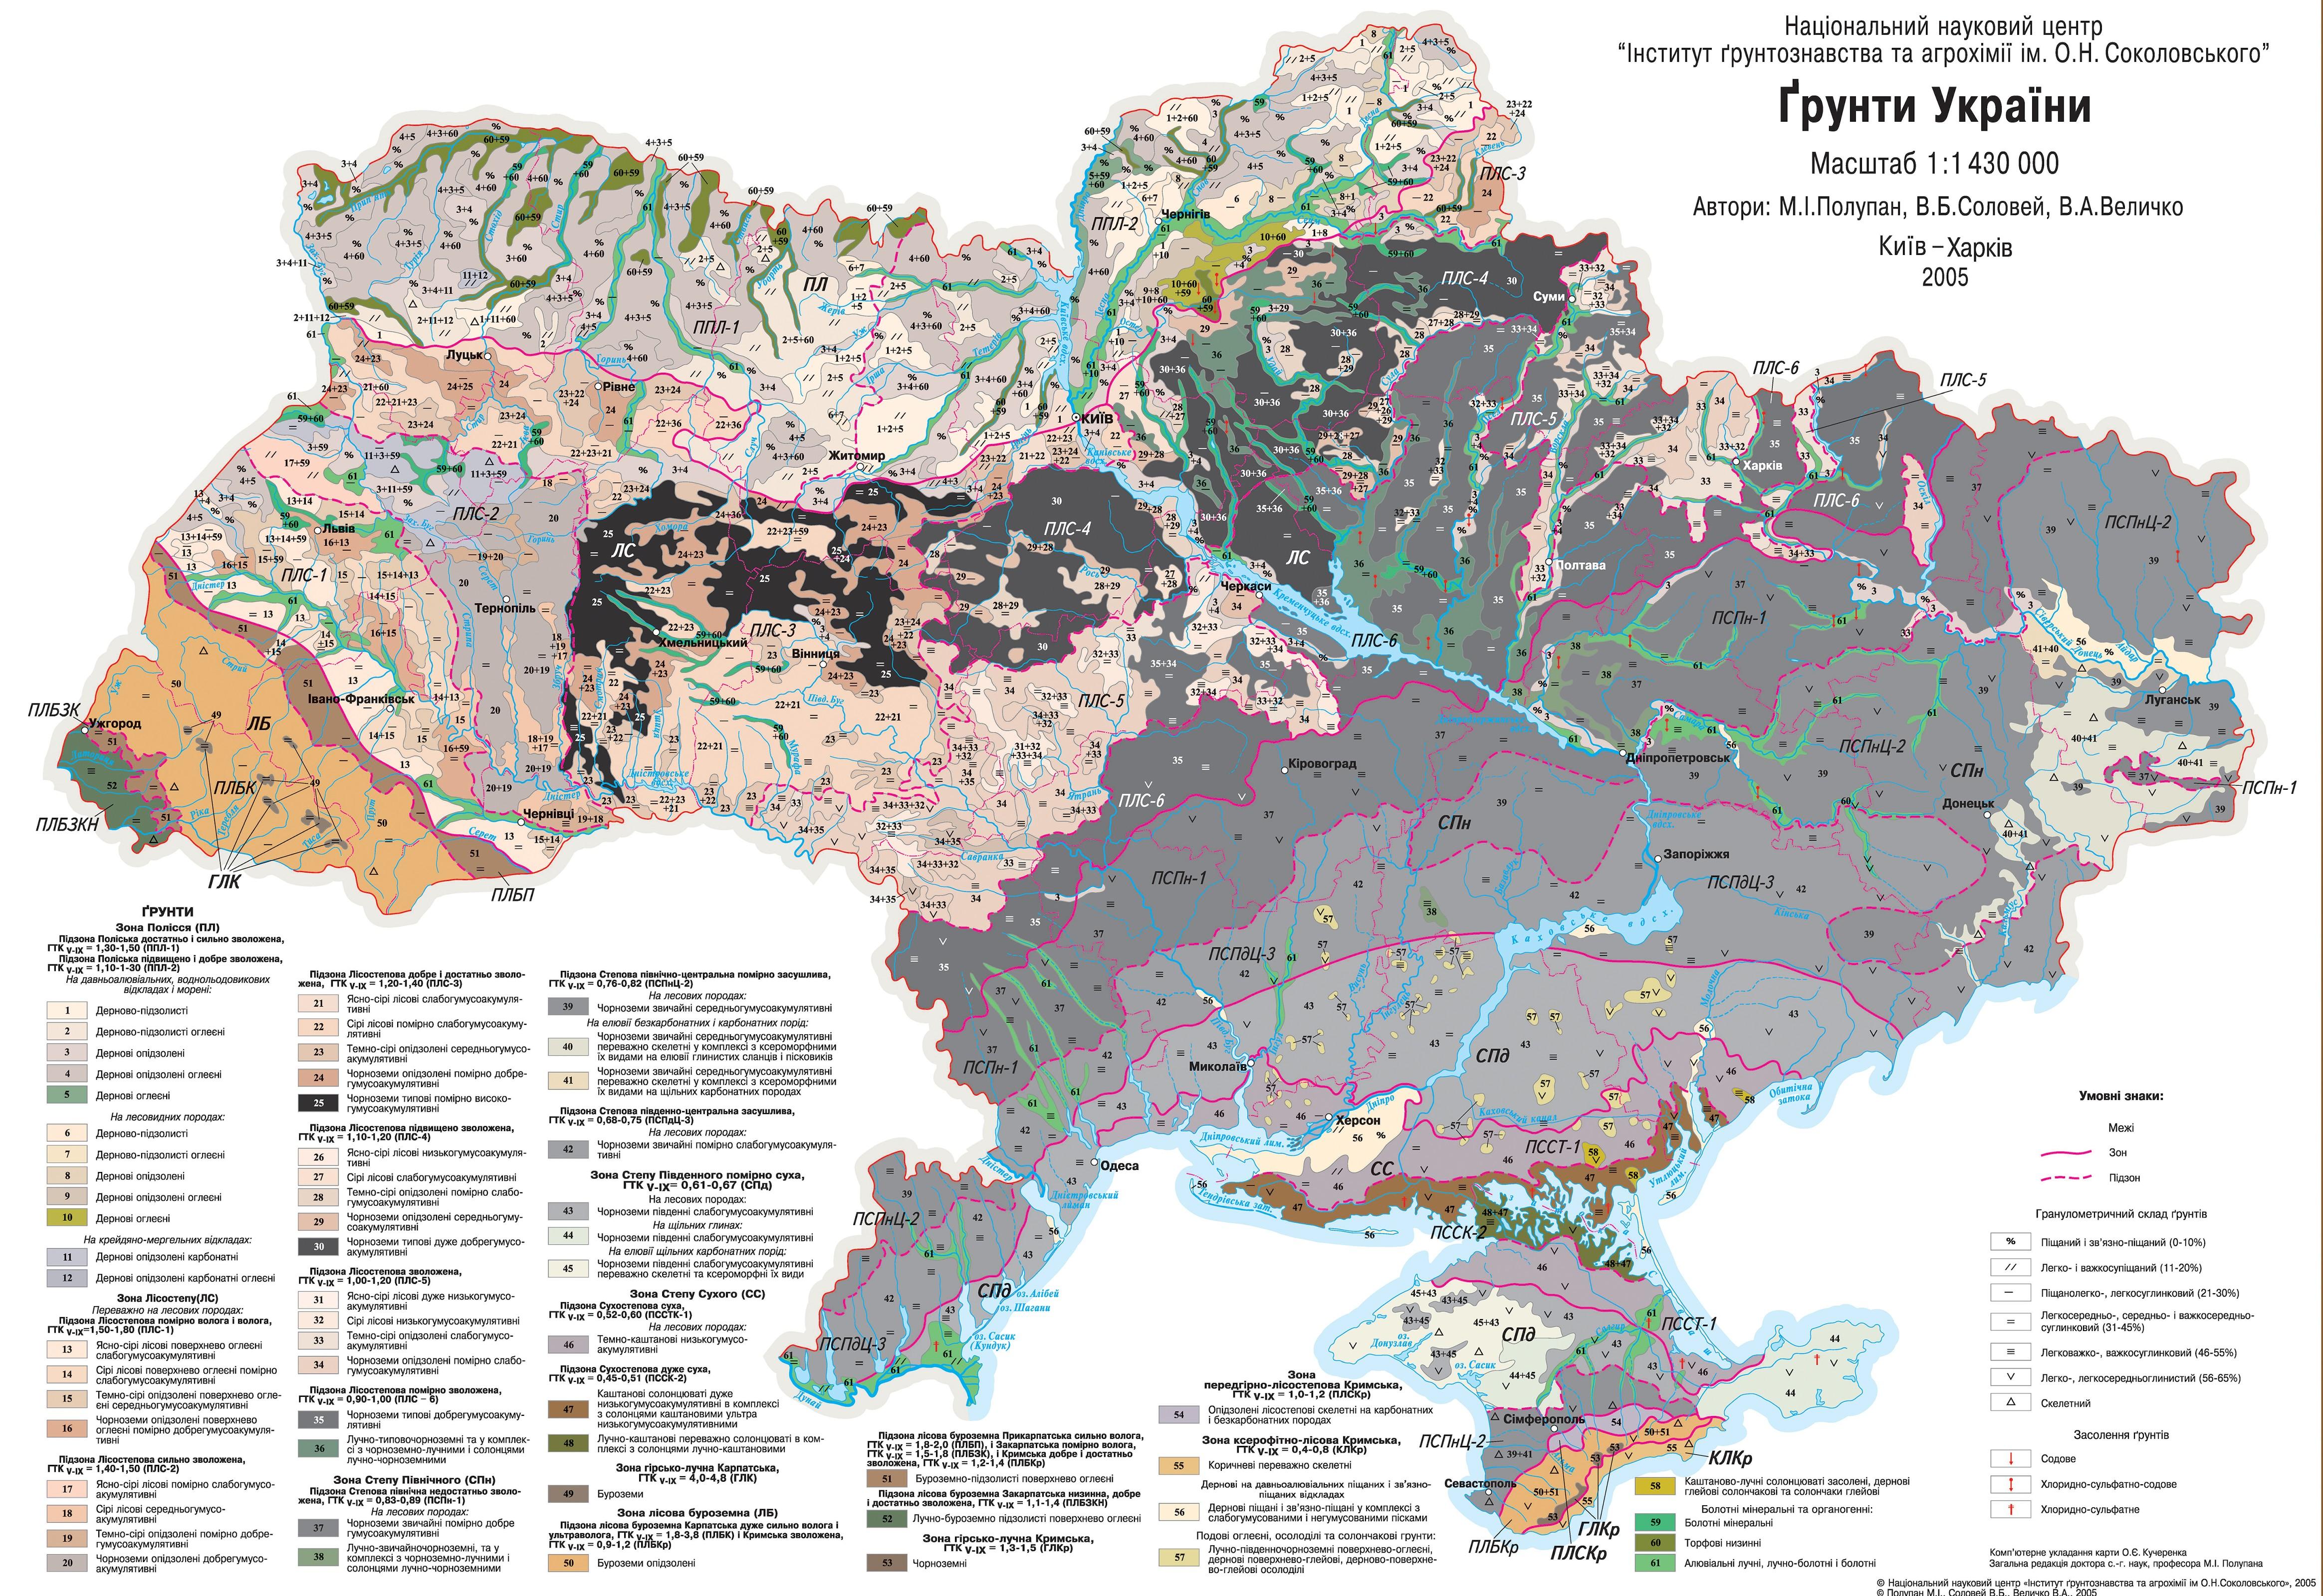 71_gruntova-karta-ukrainy